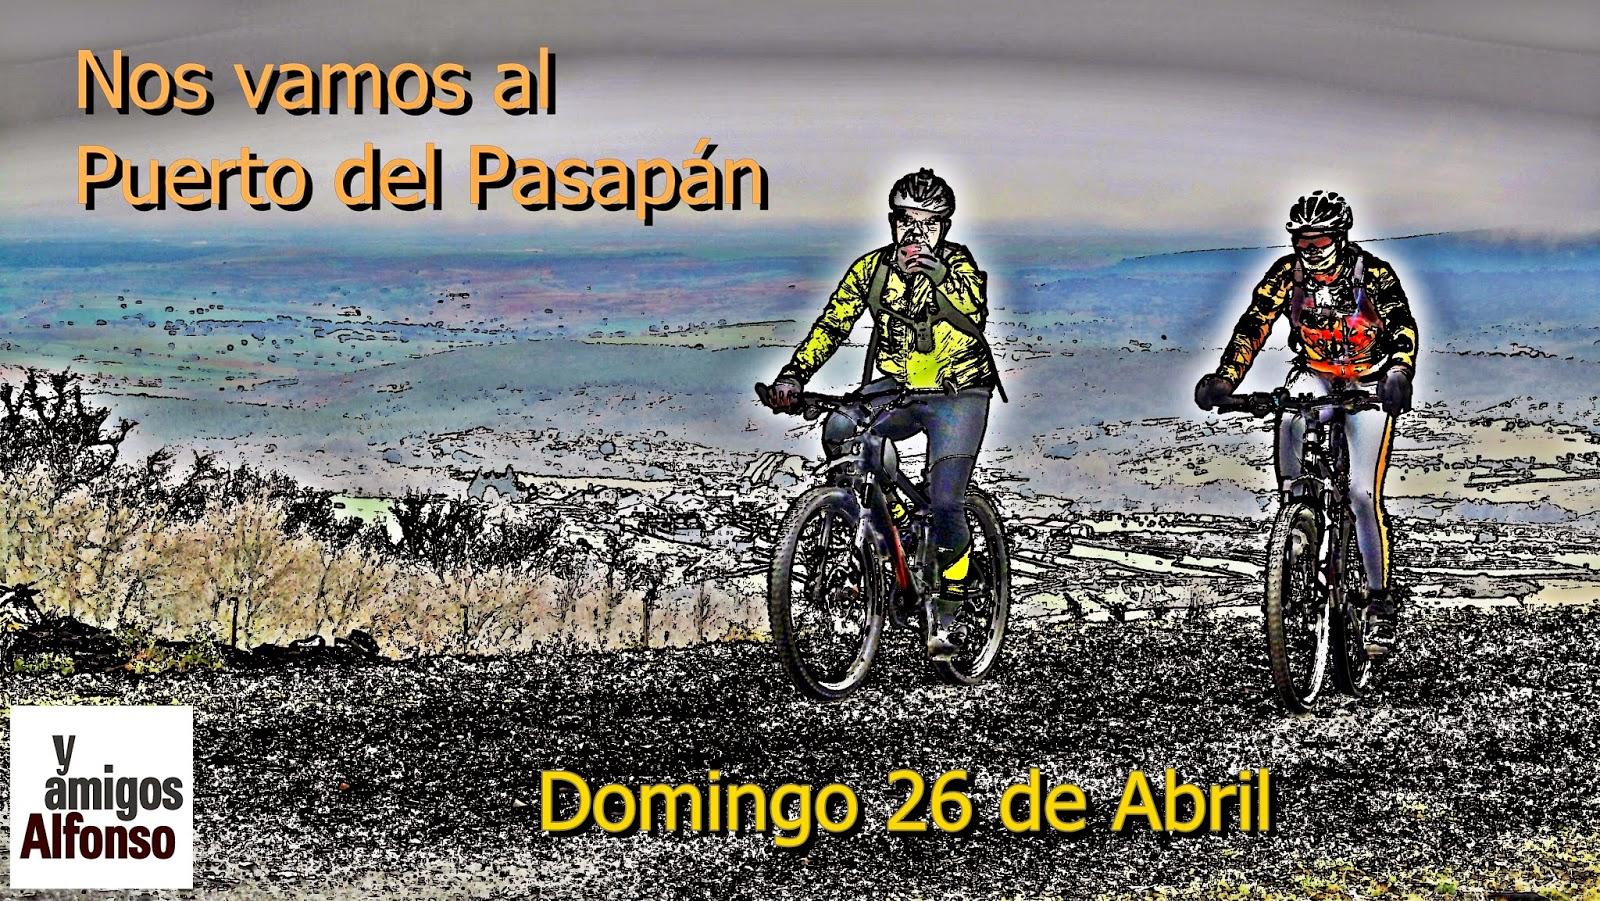 Puerto del Pasapán - AlfonsoyAmigos